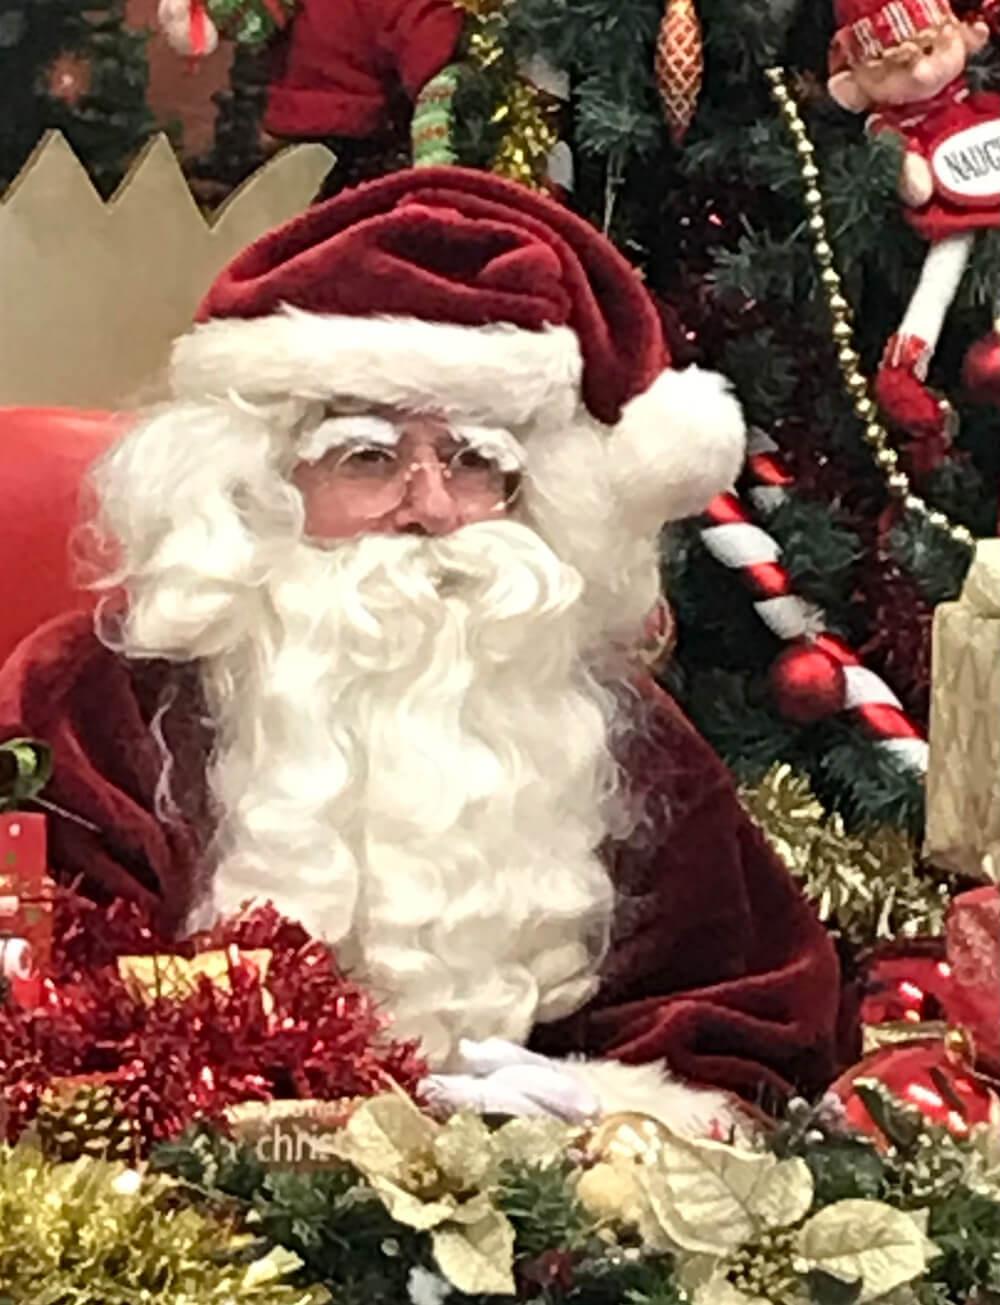 Santa Video Calls